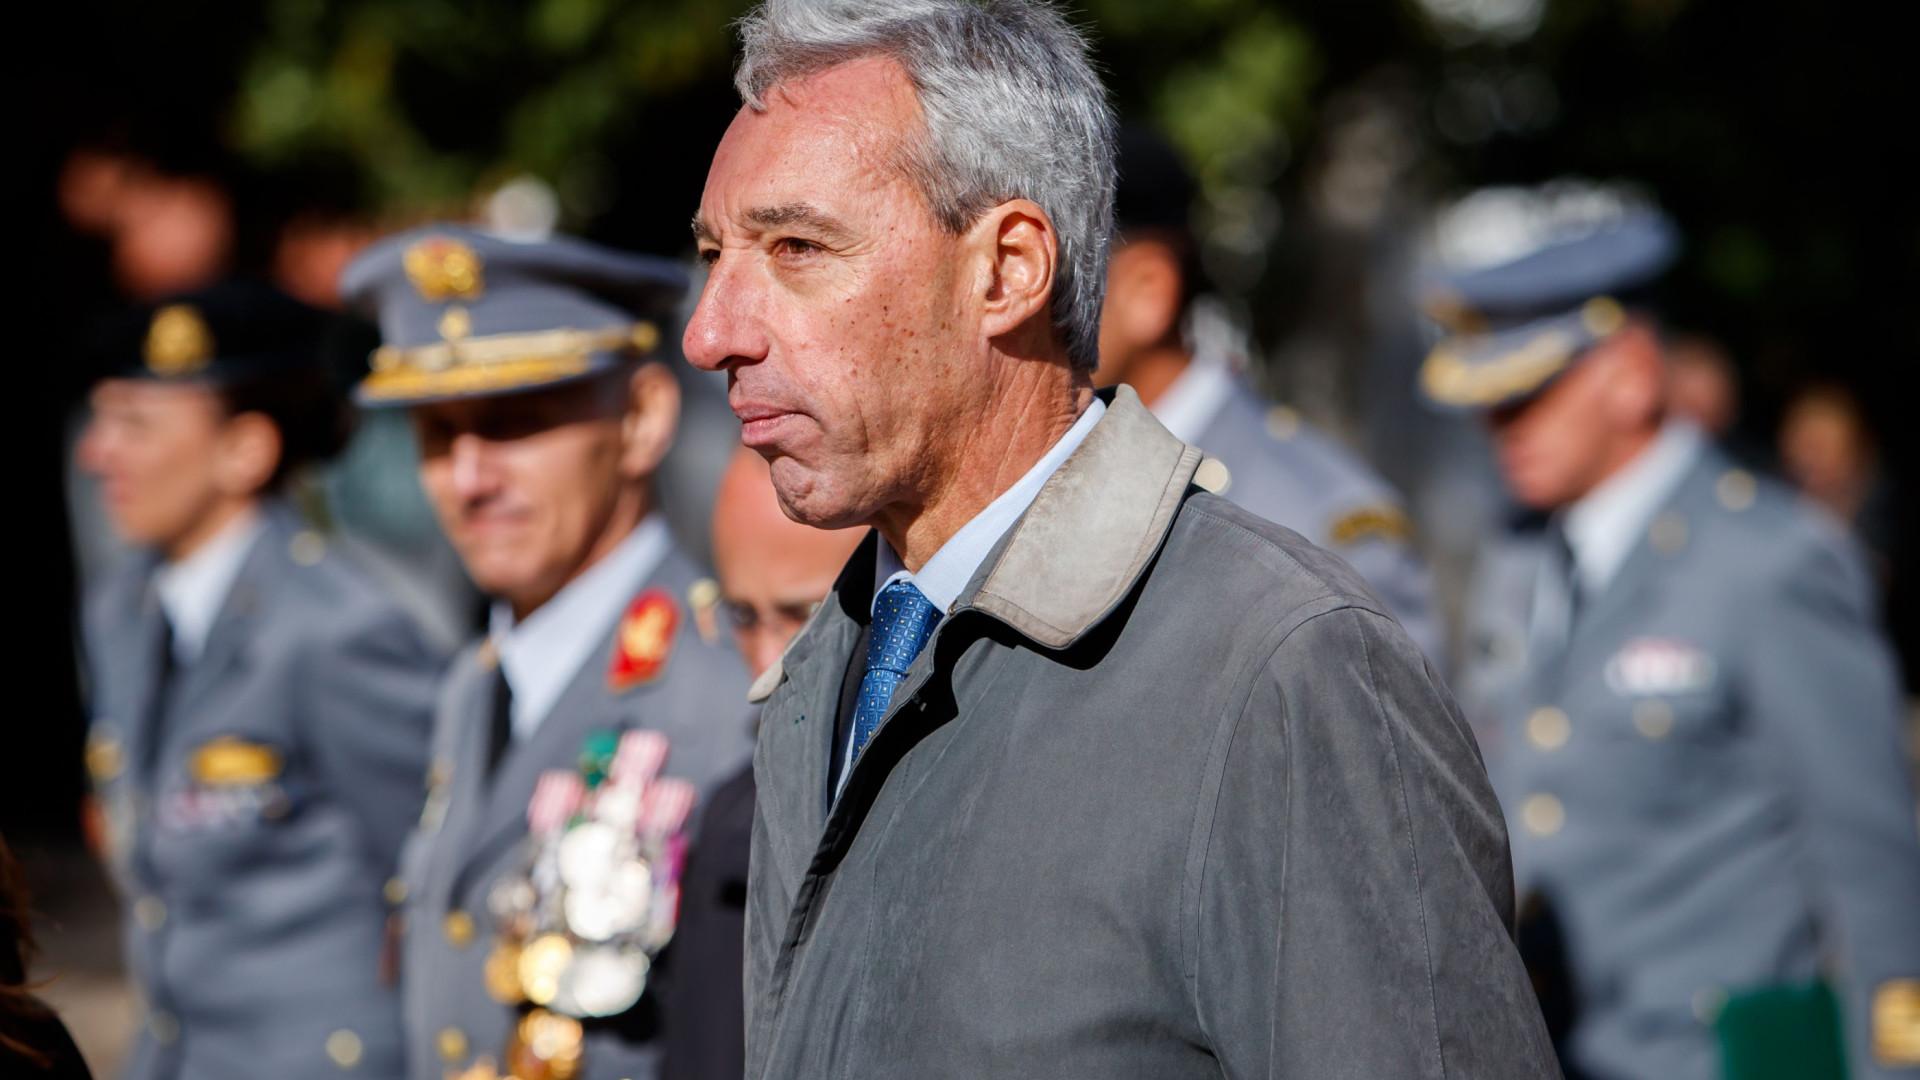 Gomes Cravinho destaca preocupação europeia sobre Sahel e Afeganistão